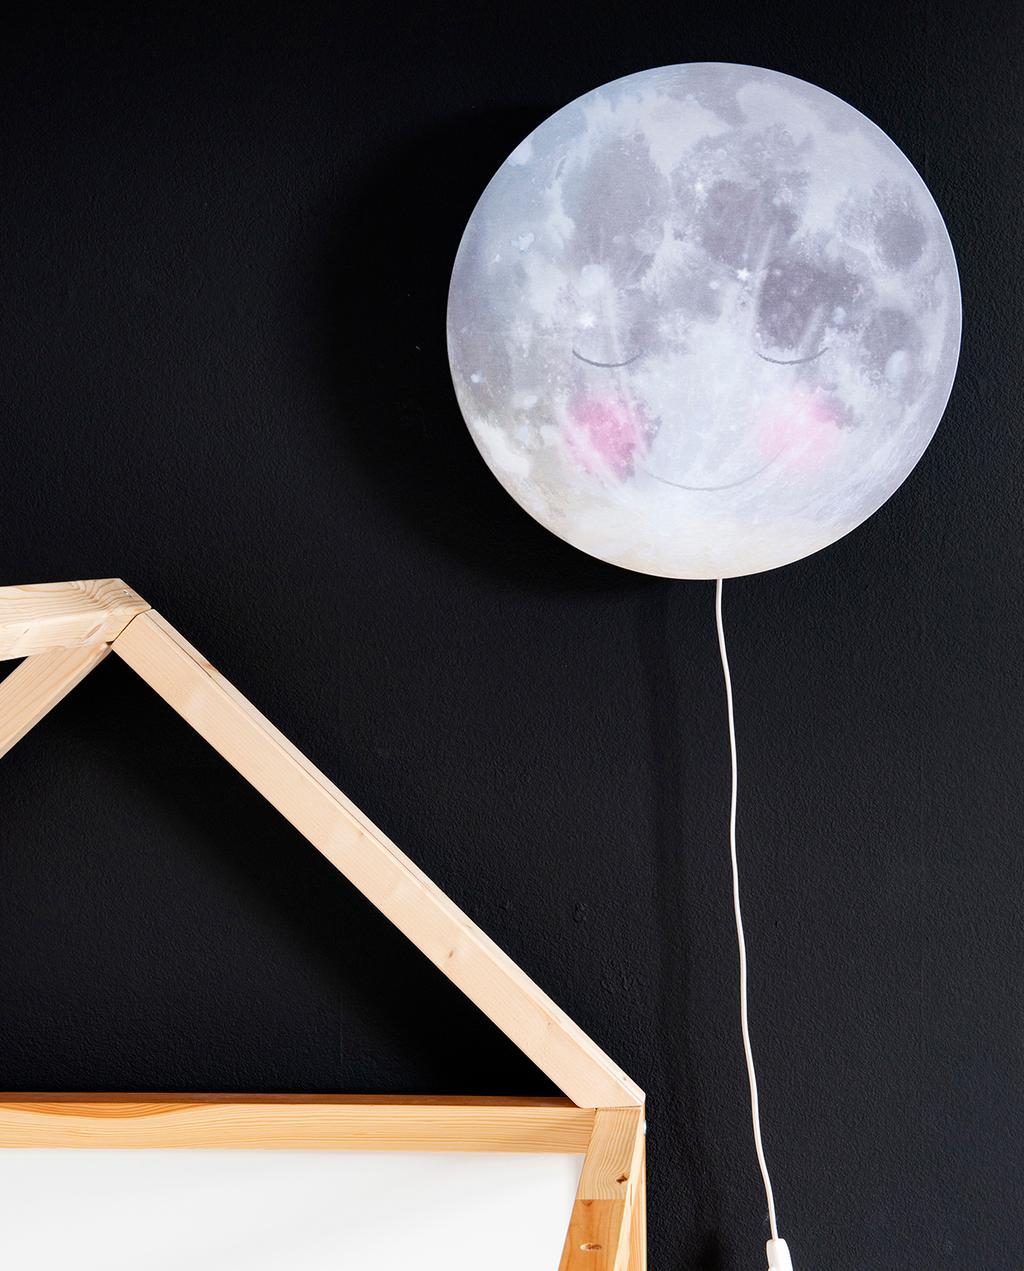 vtwonen 08-2020 | binnenkijken Hillegom kinderkamer maanlamp